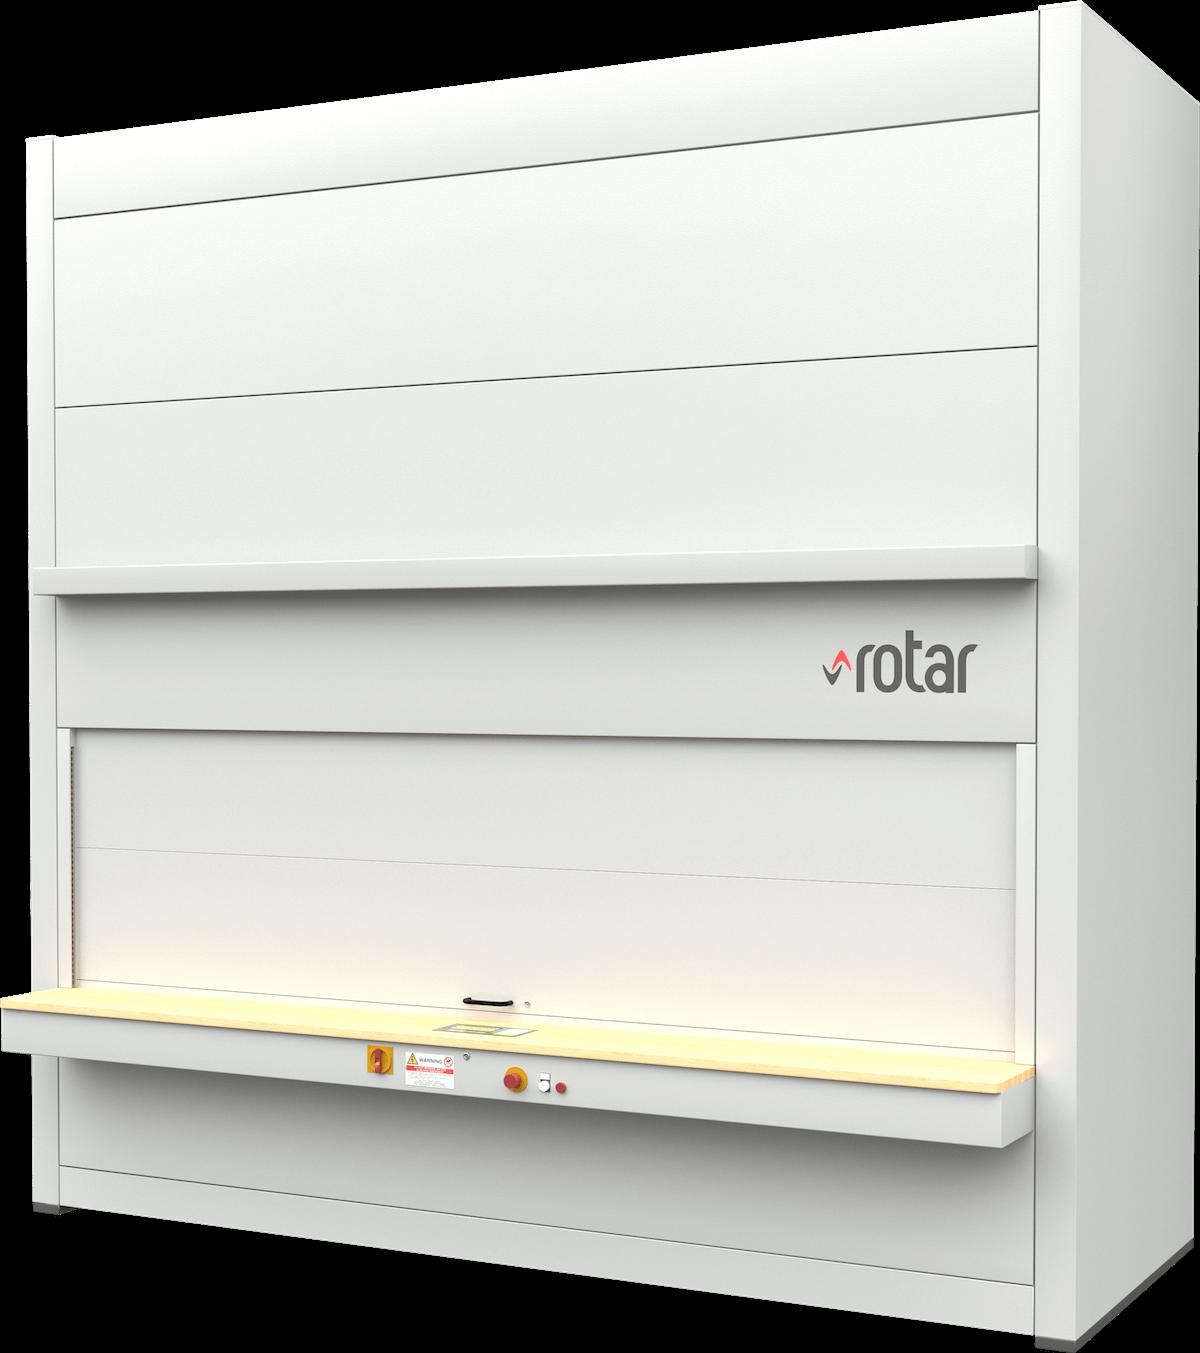 ICAM   Rotar - Industrial